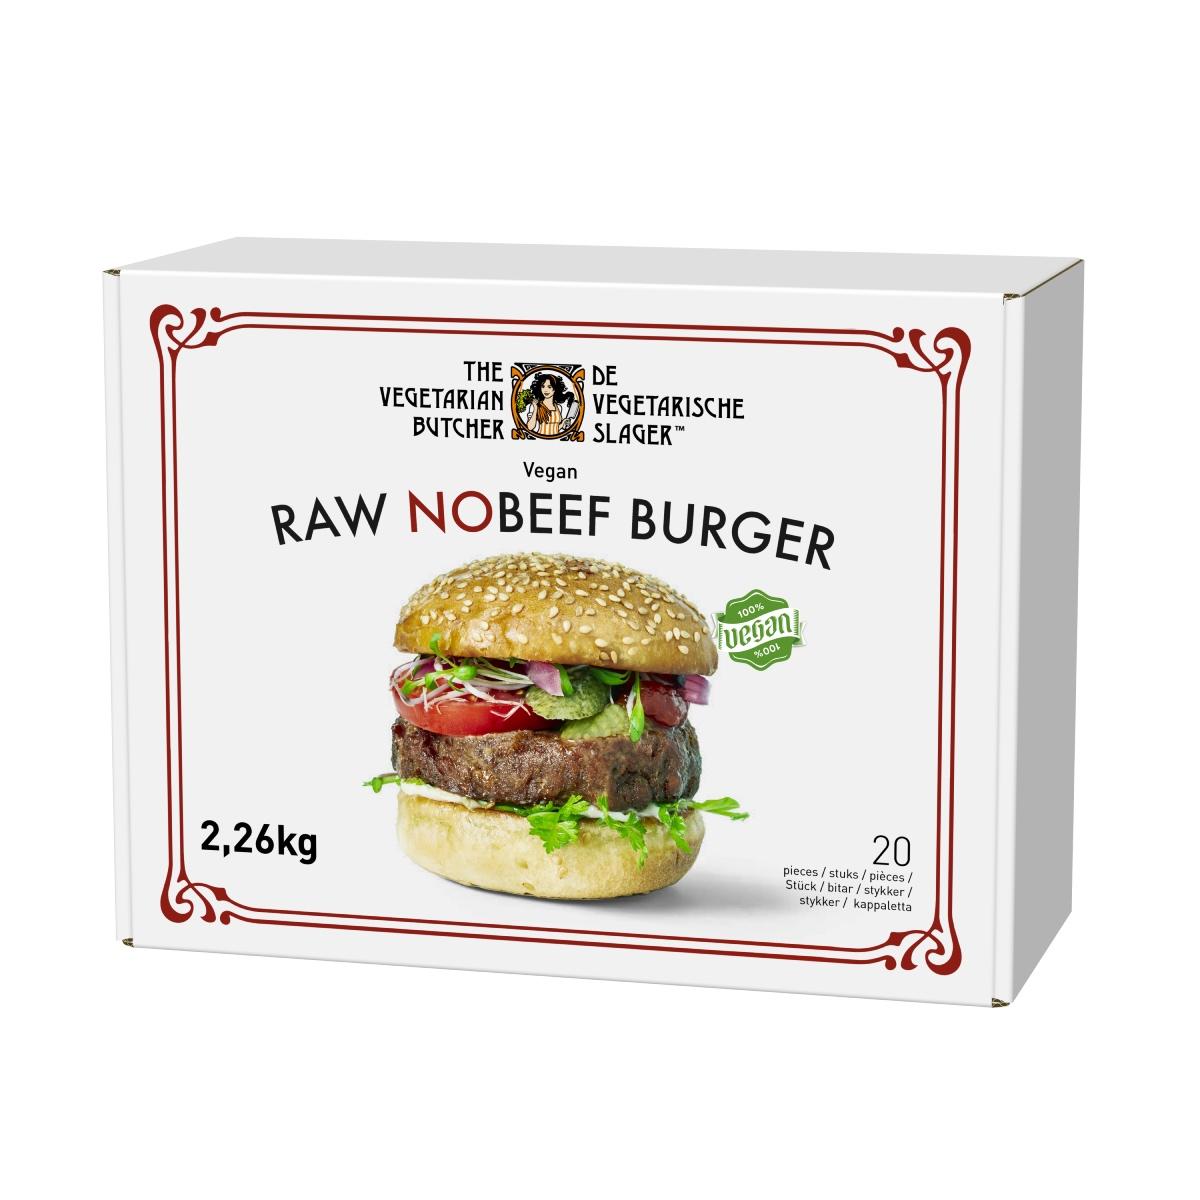 """The Vegetarian Butcher Raw No Beef Burger 2.26 kg - """"The Vegeterian Butcher позволява да превърнете най-предпочитаните си ястия във вегетариански или веган, без да променяте менюто си."""""""